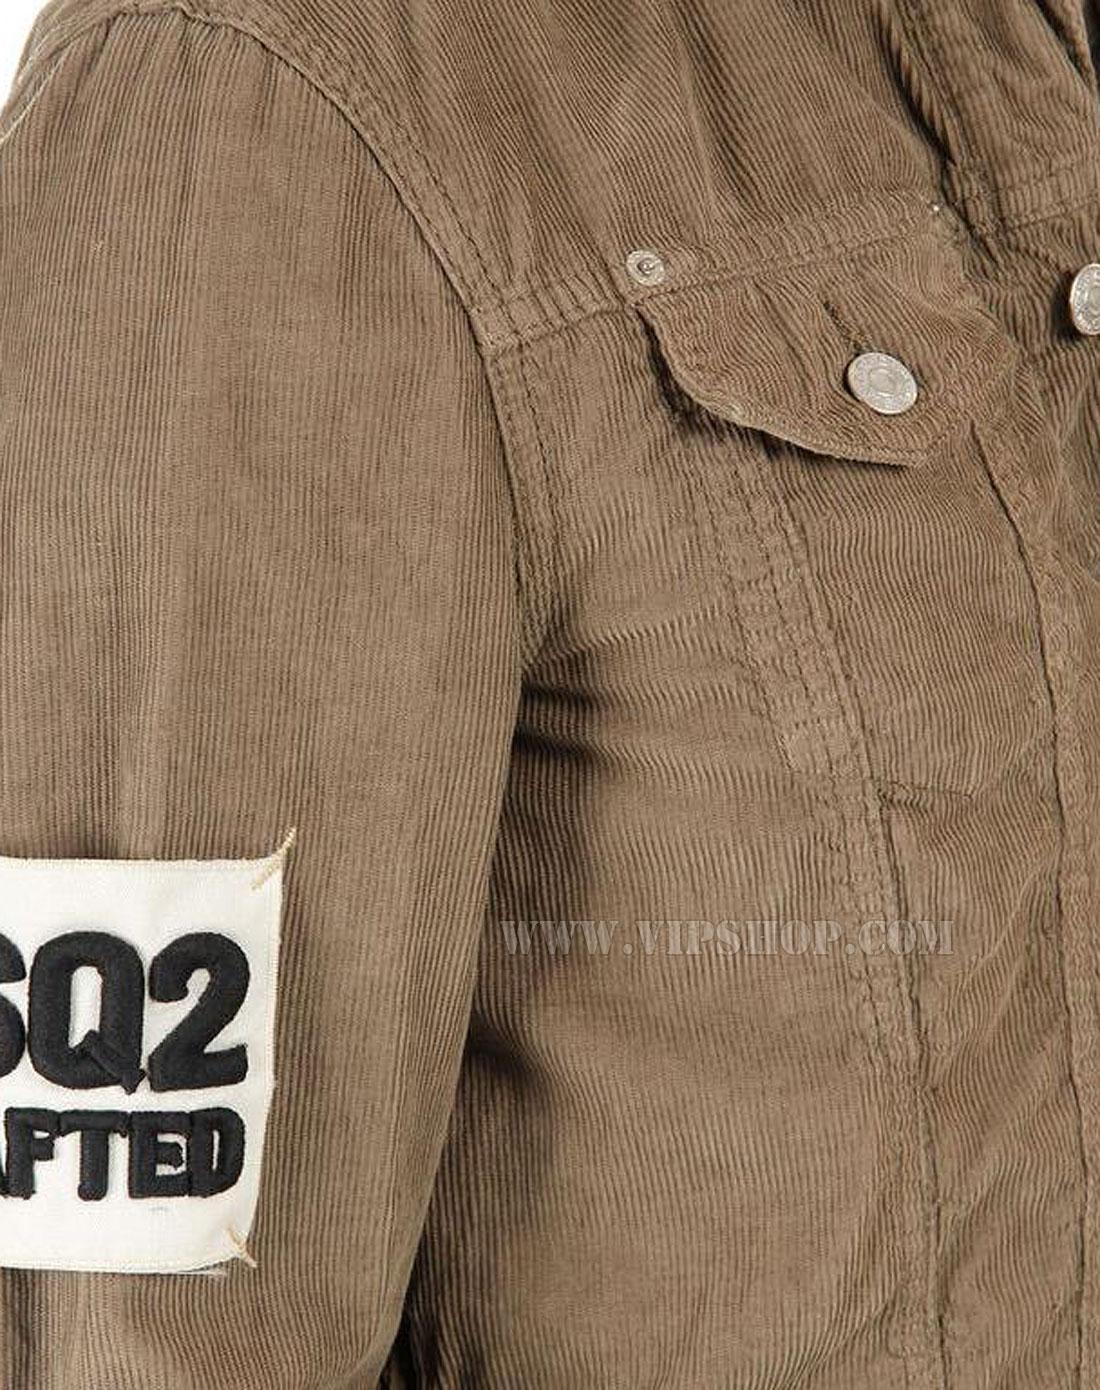 浅棕色毛衣 搭配